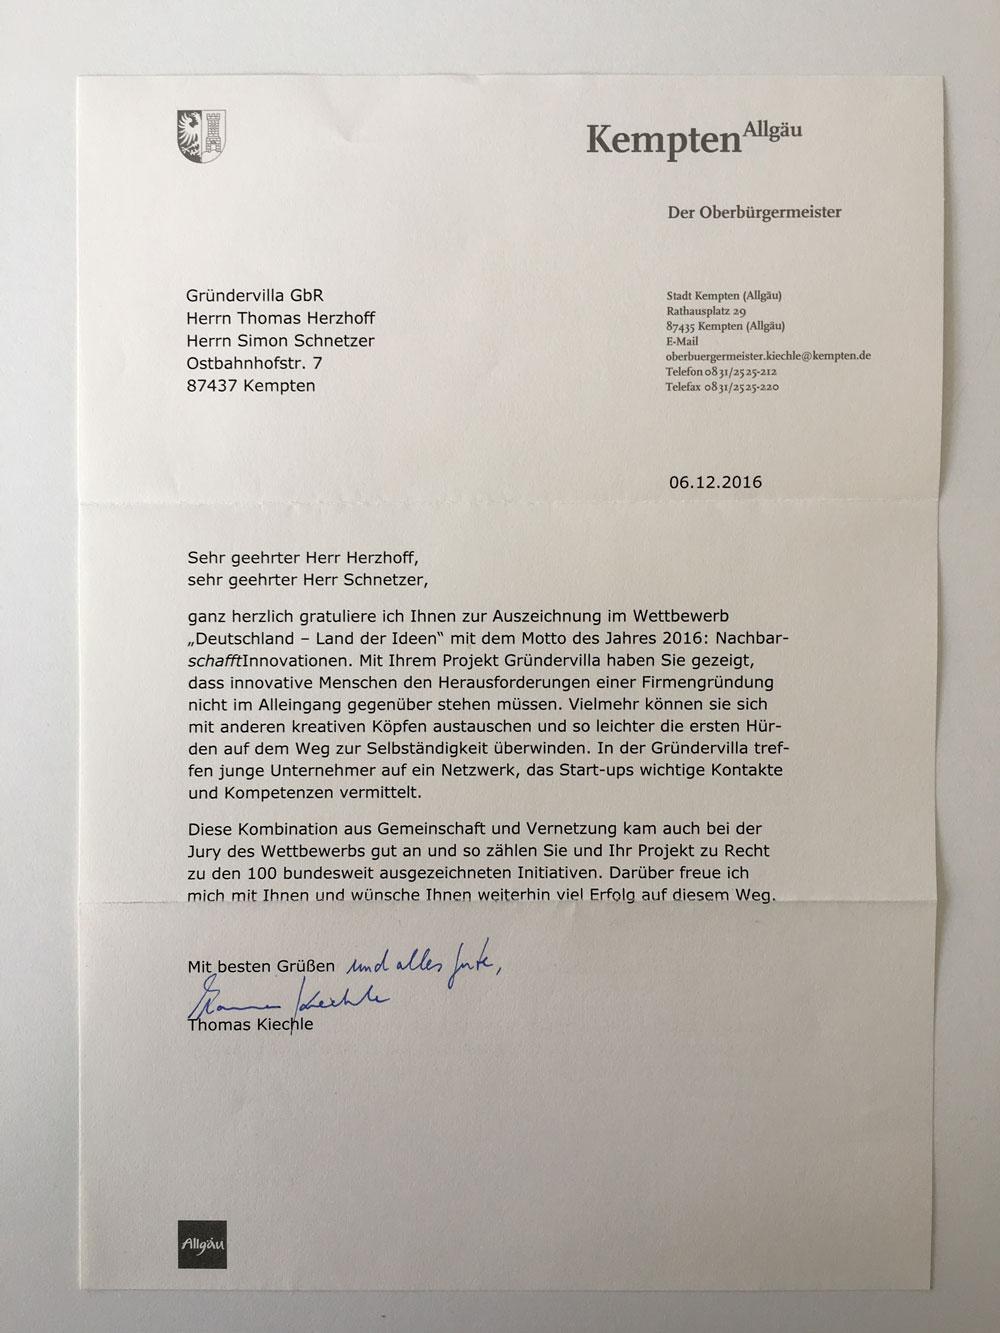 Kemptens OB Kiechle würdigt Gründervilla